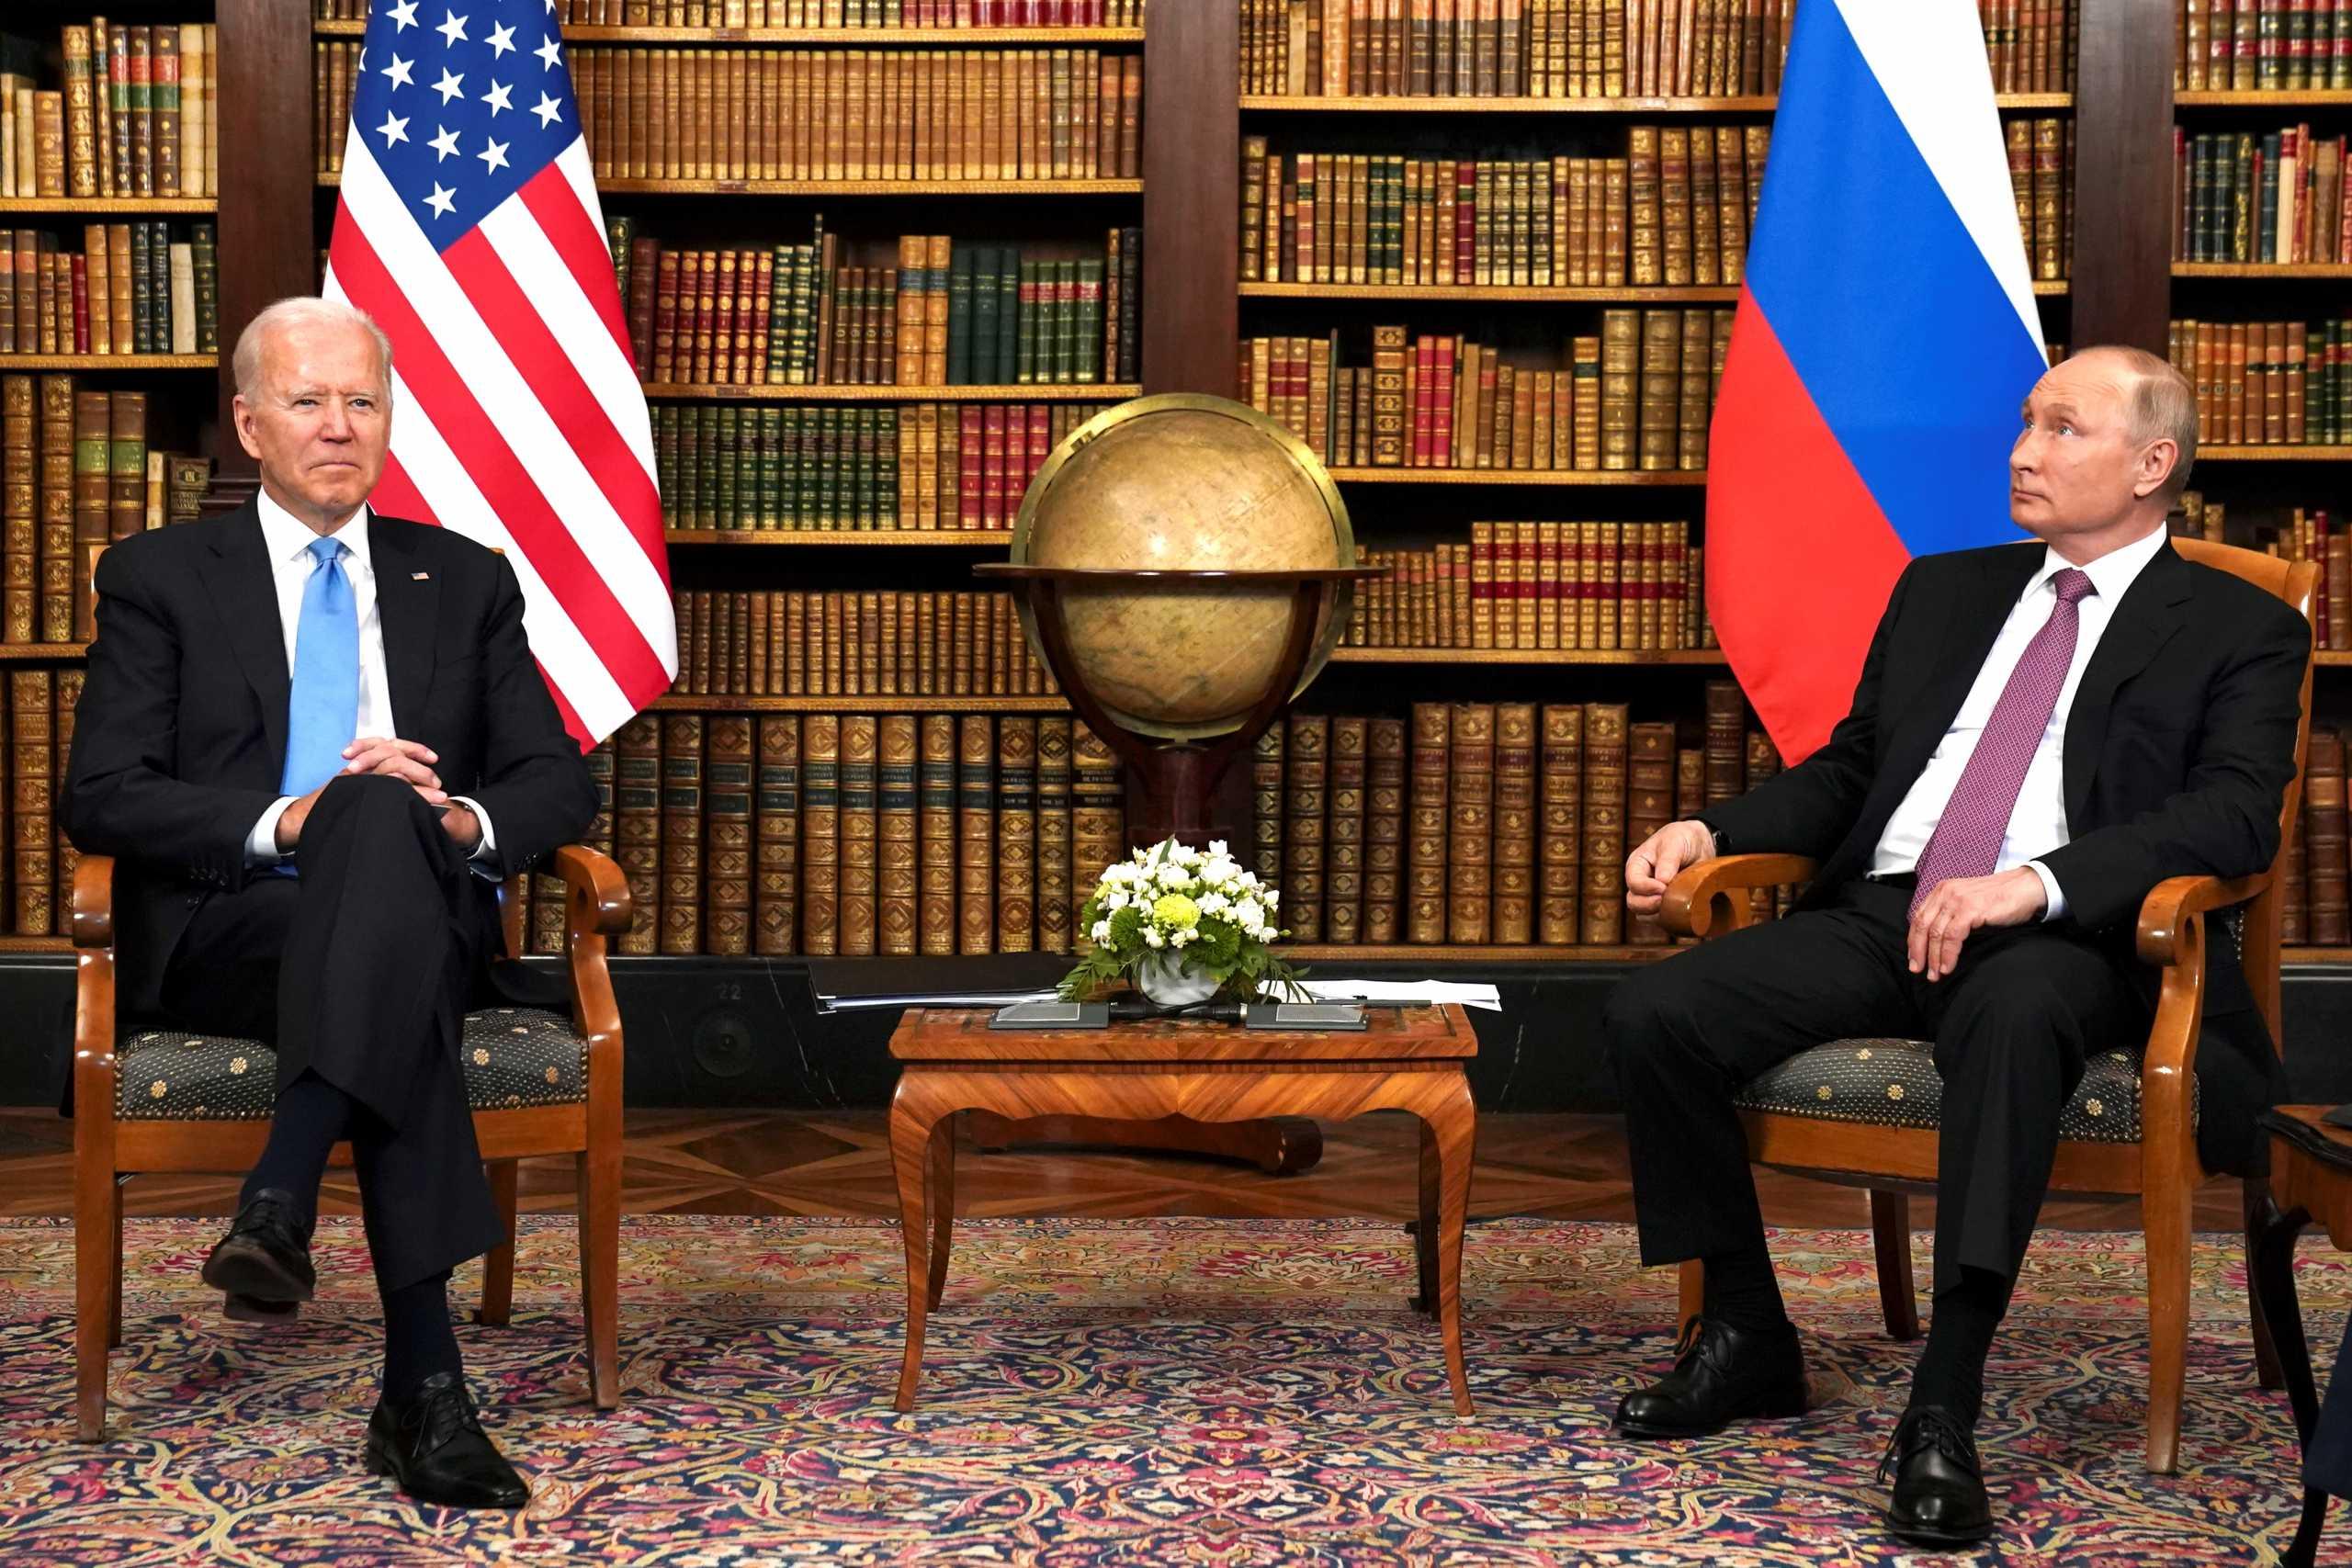 Πρώτη συνάντηση Μπάιντεν – Πούτιν με χαμόγελα και αμηχανία (pics)